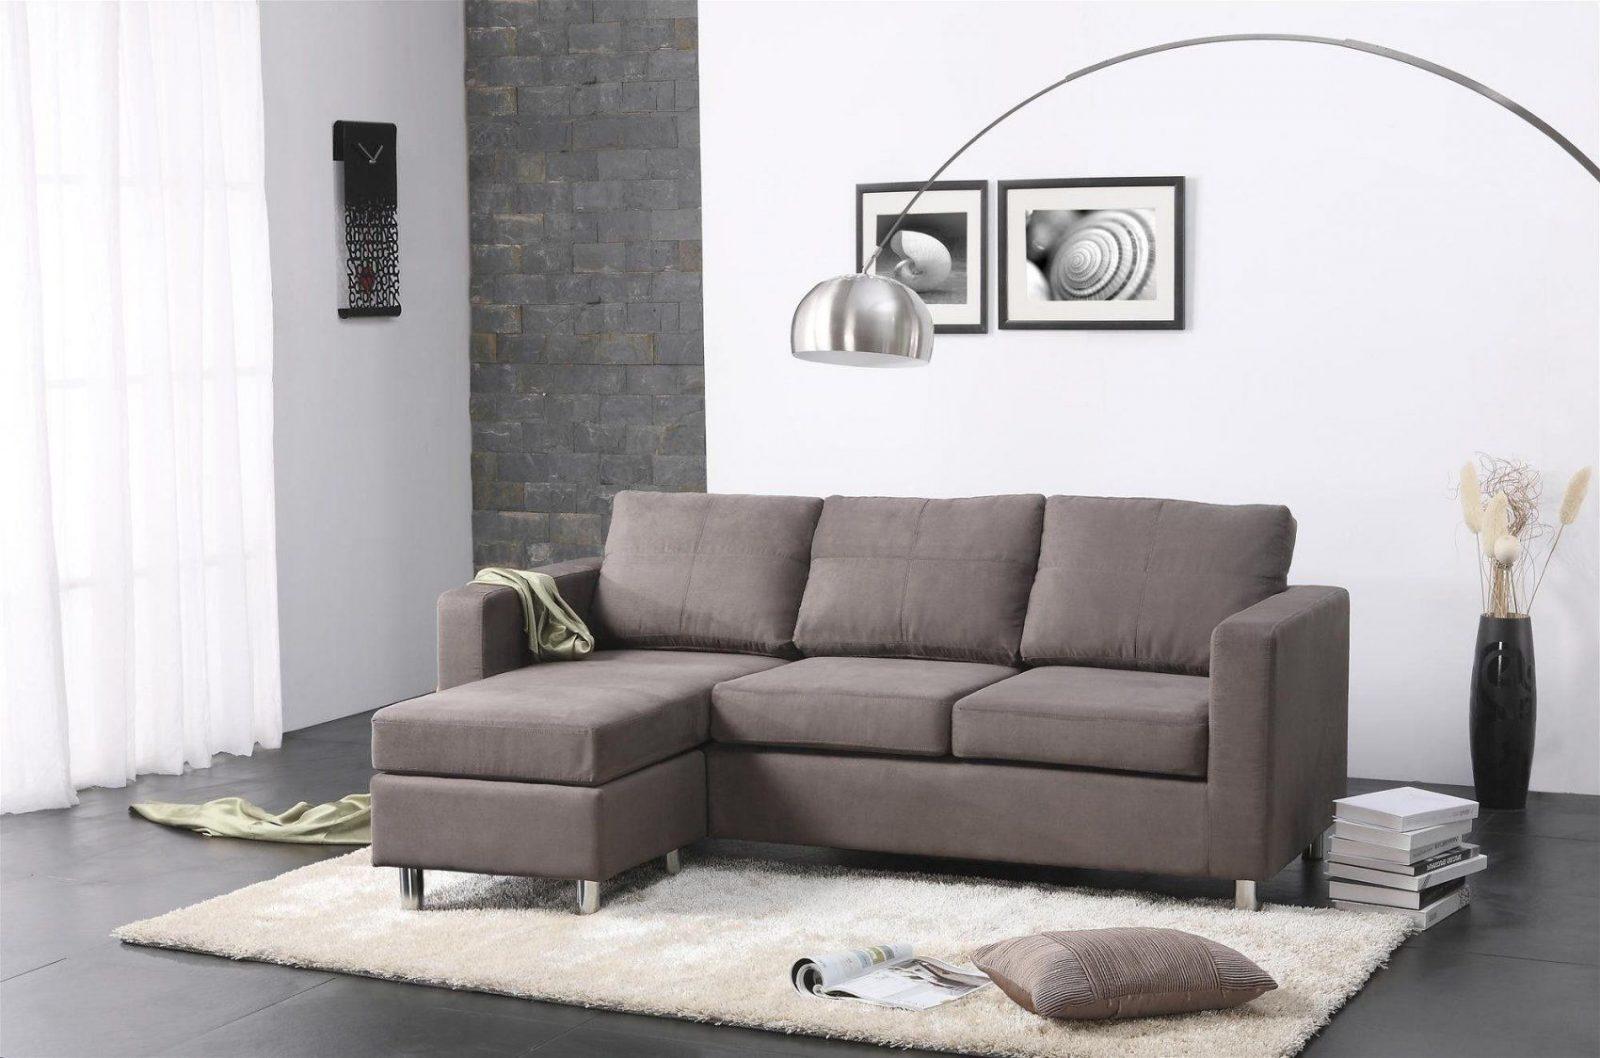 Opulente Couch Ideen Für Kleine Wohnzimmer Exquisite Dekoration Für von Moderne Sofas Für Kleine Räume Photo